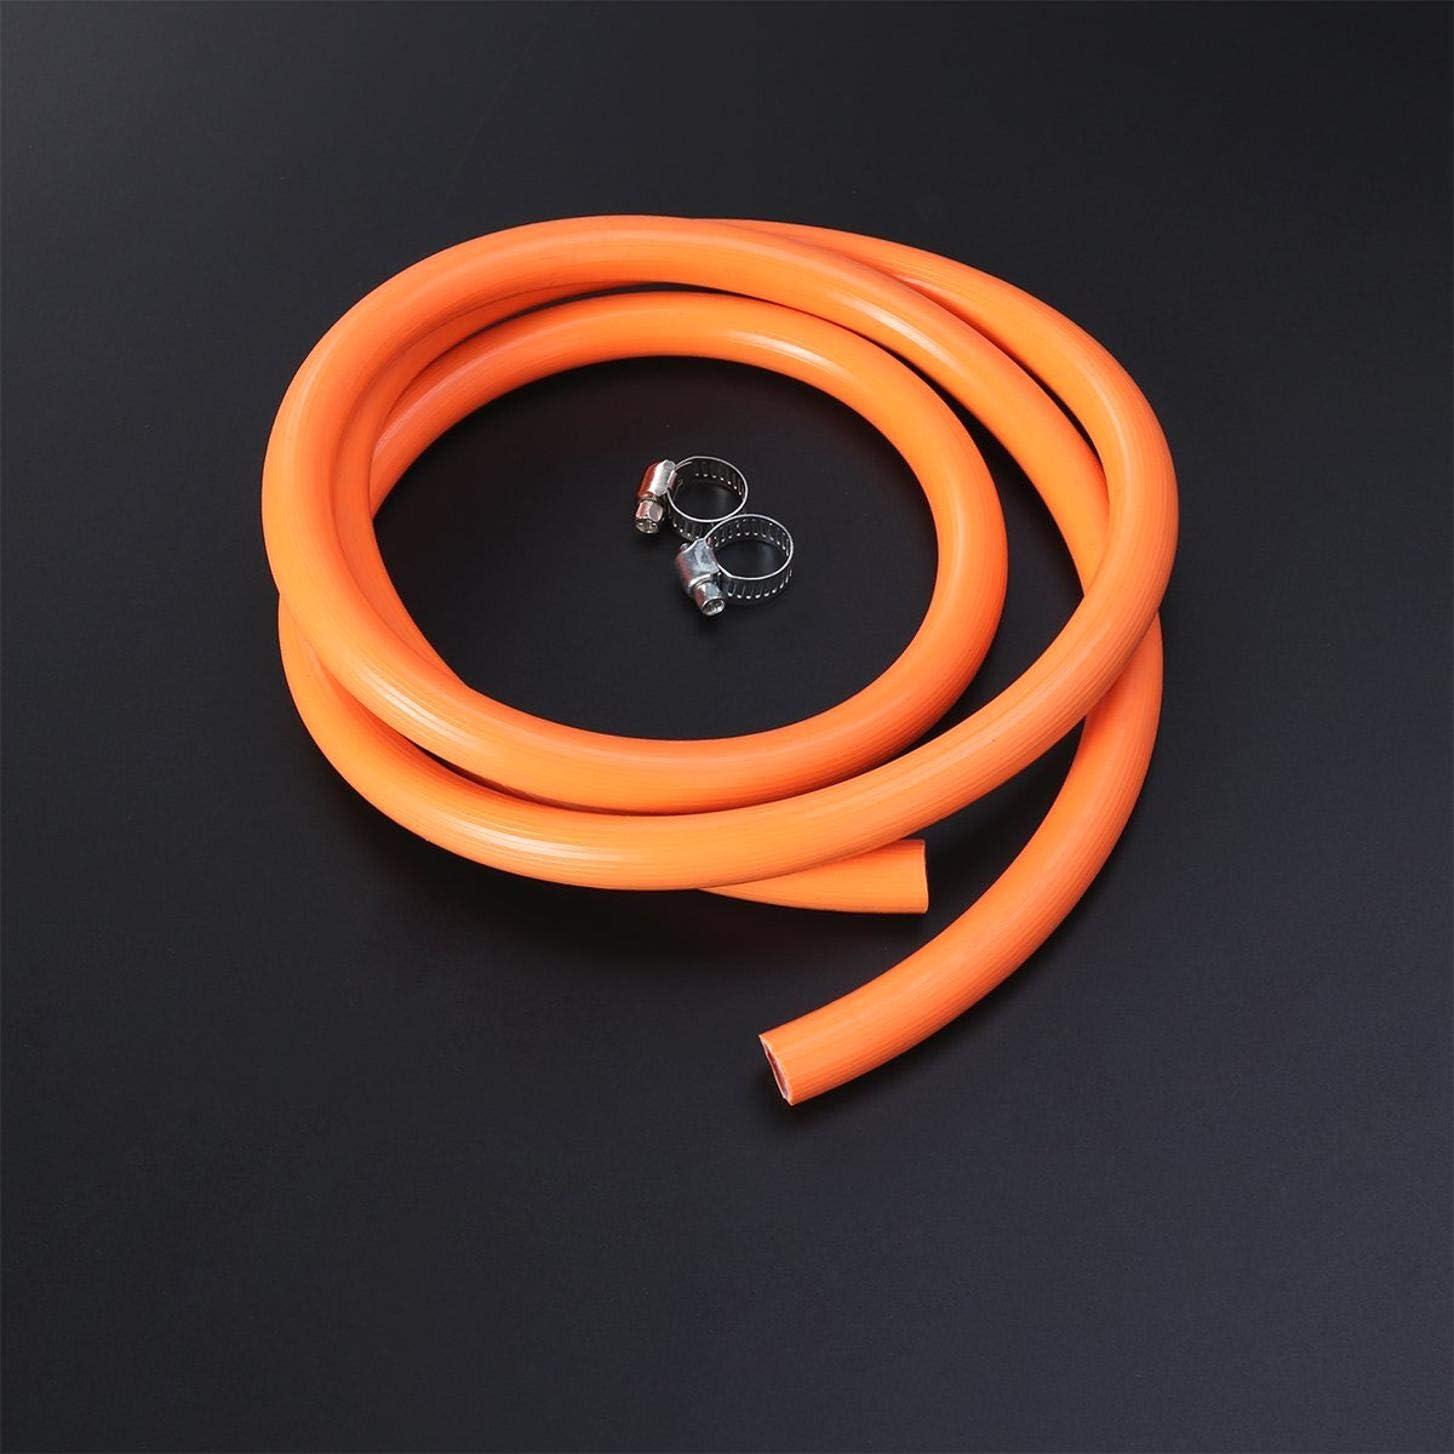 KANGIRU R/égulateur de gaz en Caoutchouc Naturel Liqu/éfi/é Gaz D/éconnect/é Tuyau Ensemble Tube /À Gaz Po/êle Chauffe-Eau avec 2 Raccords 150 cm